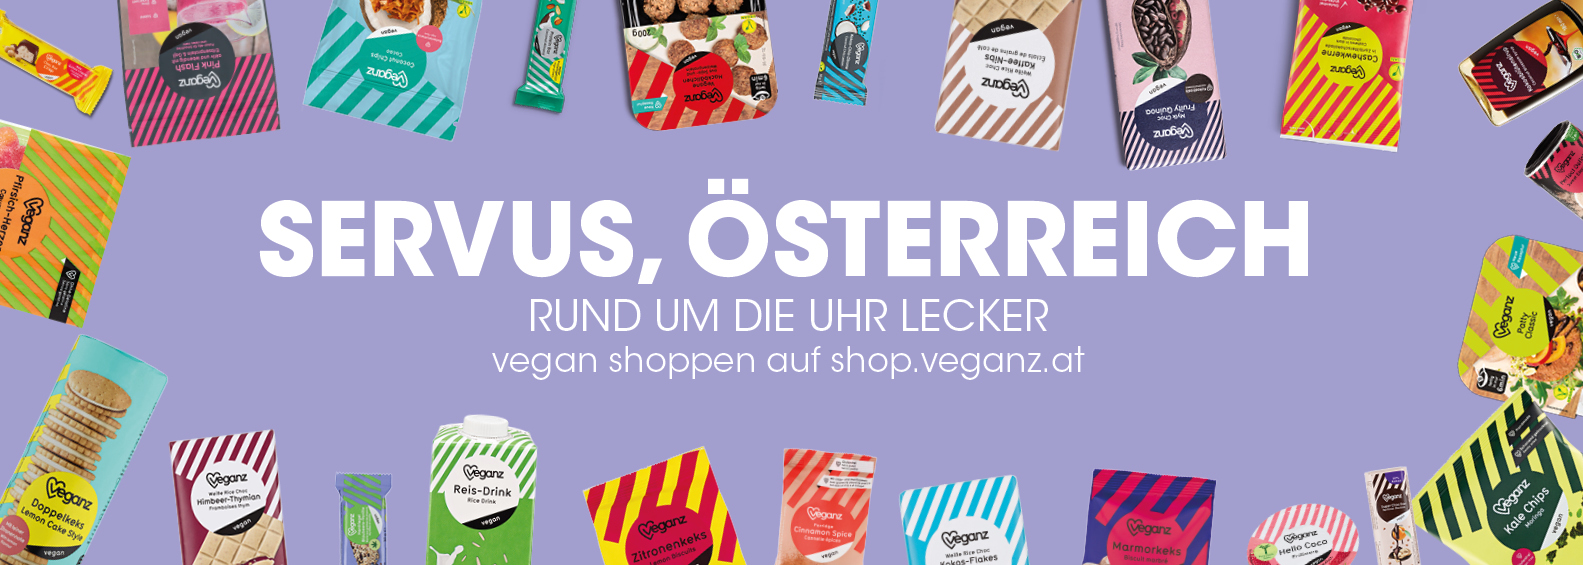 veganz onlineshop jetzt auch in sterreich vegan online shoppen. Black Bedroom Furniture Sets. Home Design Ideas